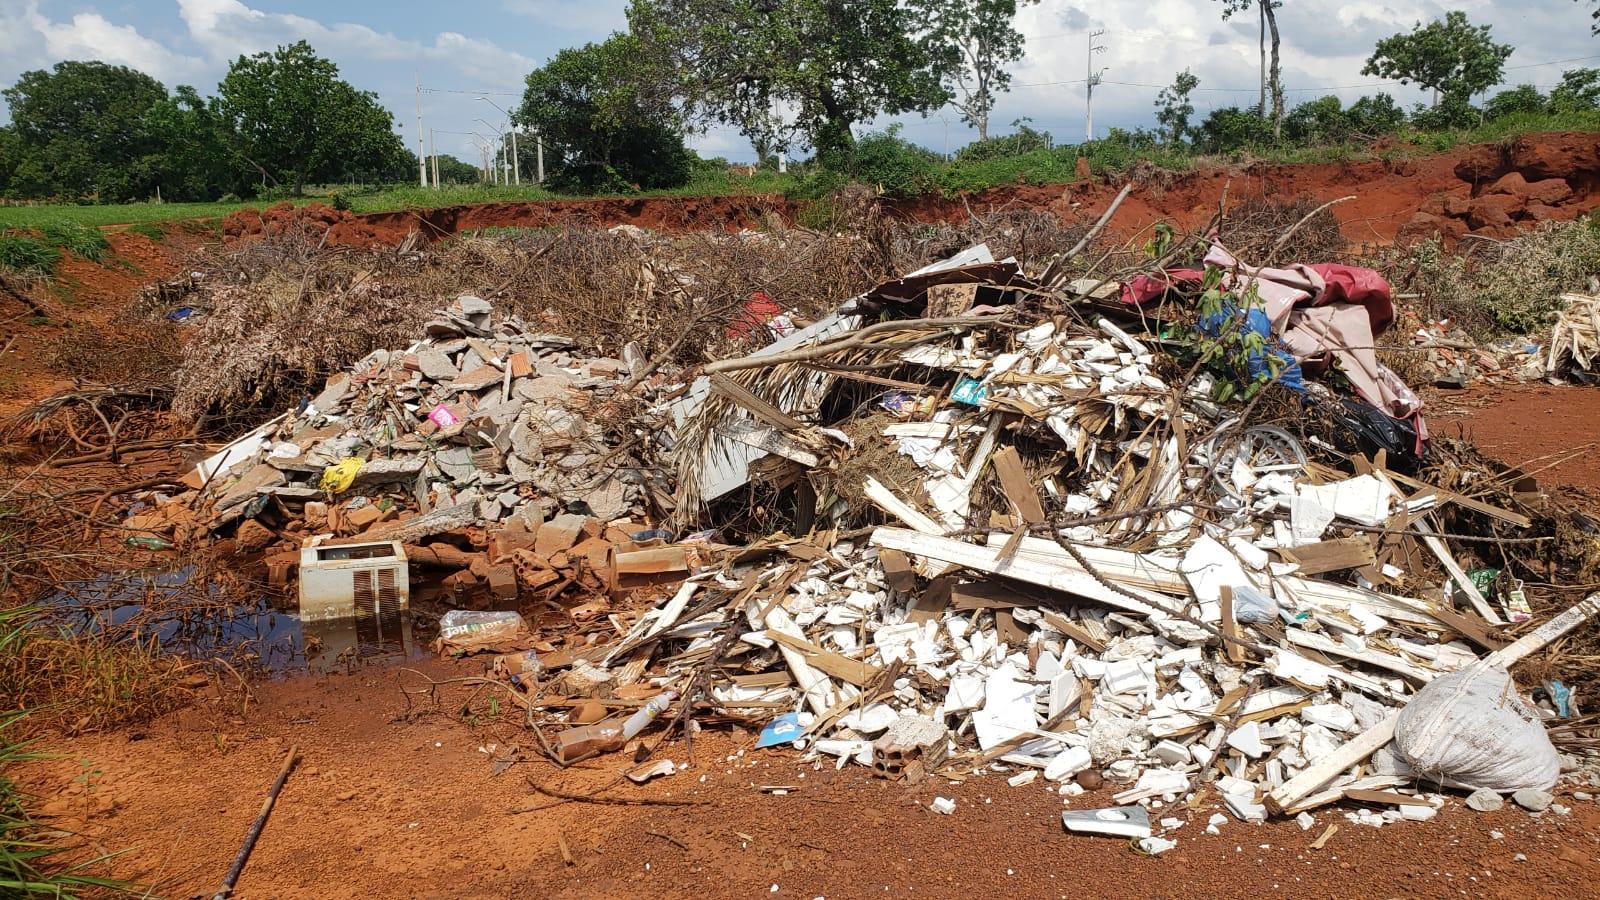 Alvo de mineração clandestina, terreno público vira depósito de entulho e lixo no Pôr do Sol II